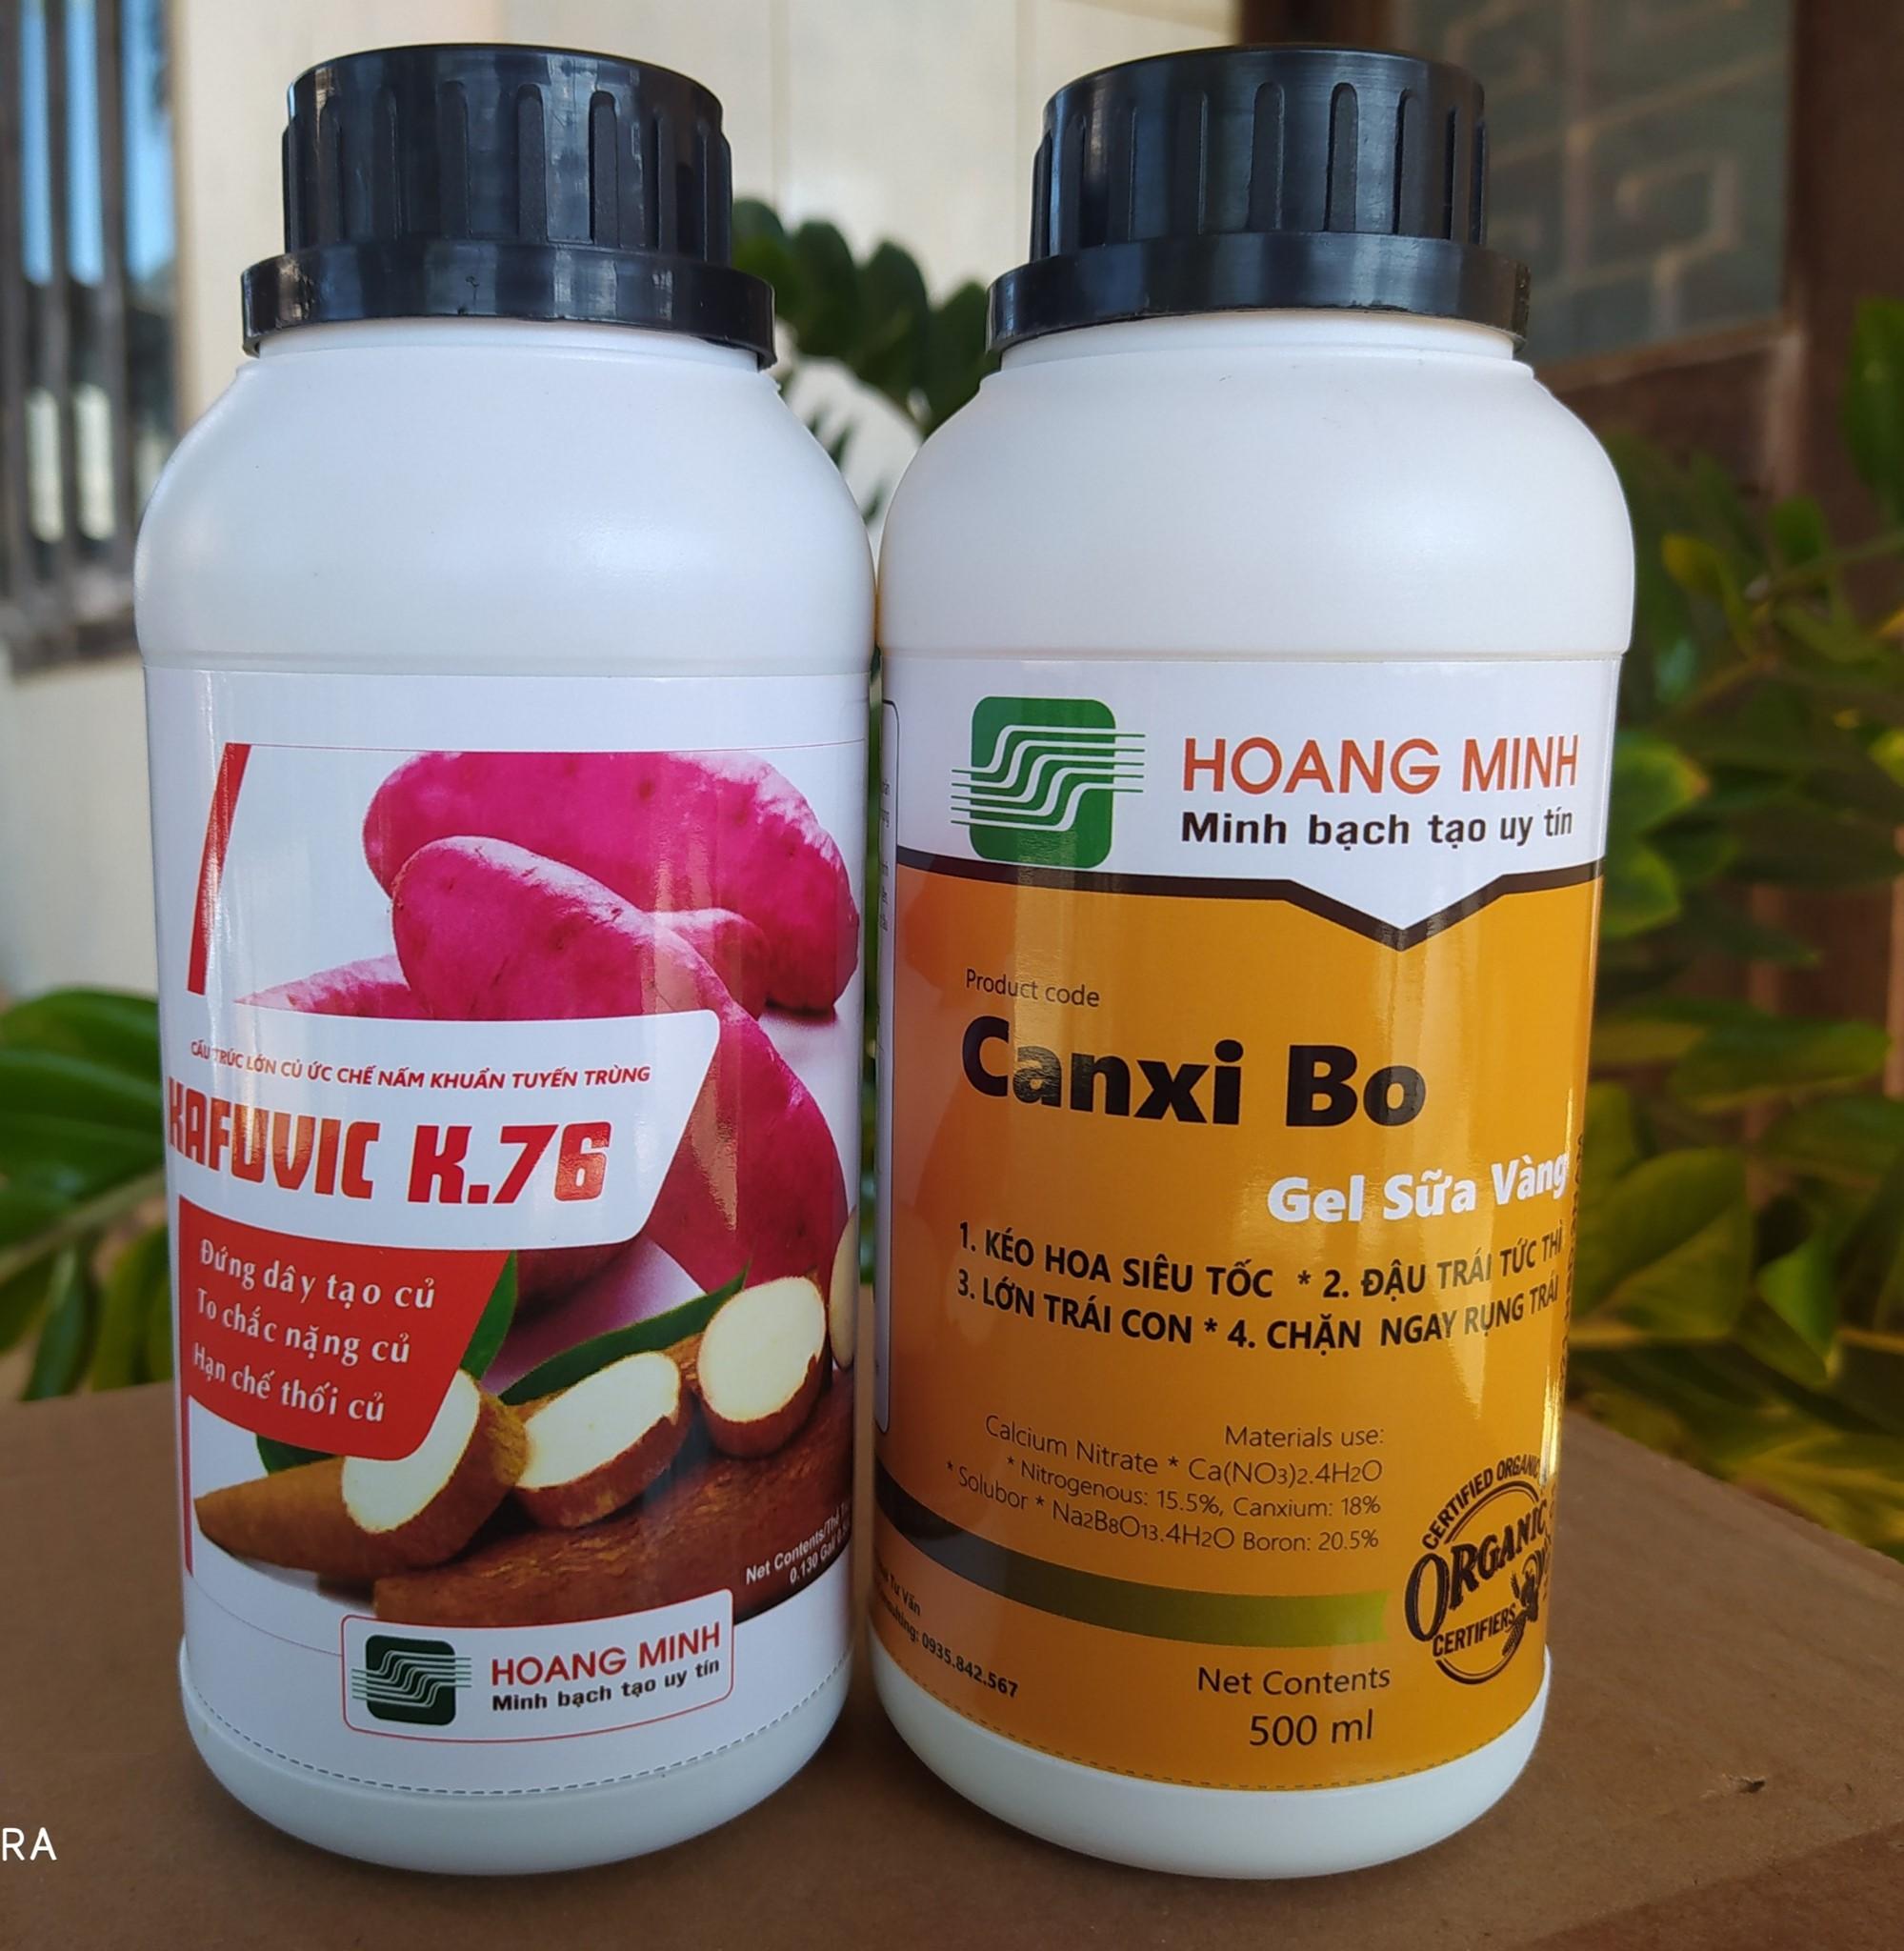 K76 + Canxibo Gel Sữa Vàng (cặp đôi To Bóng)